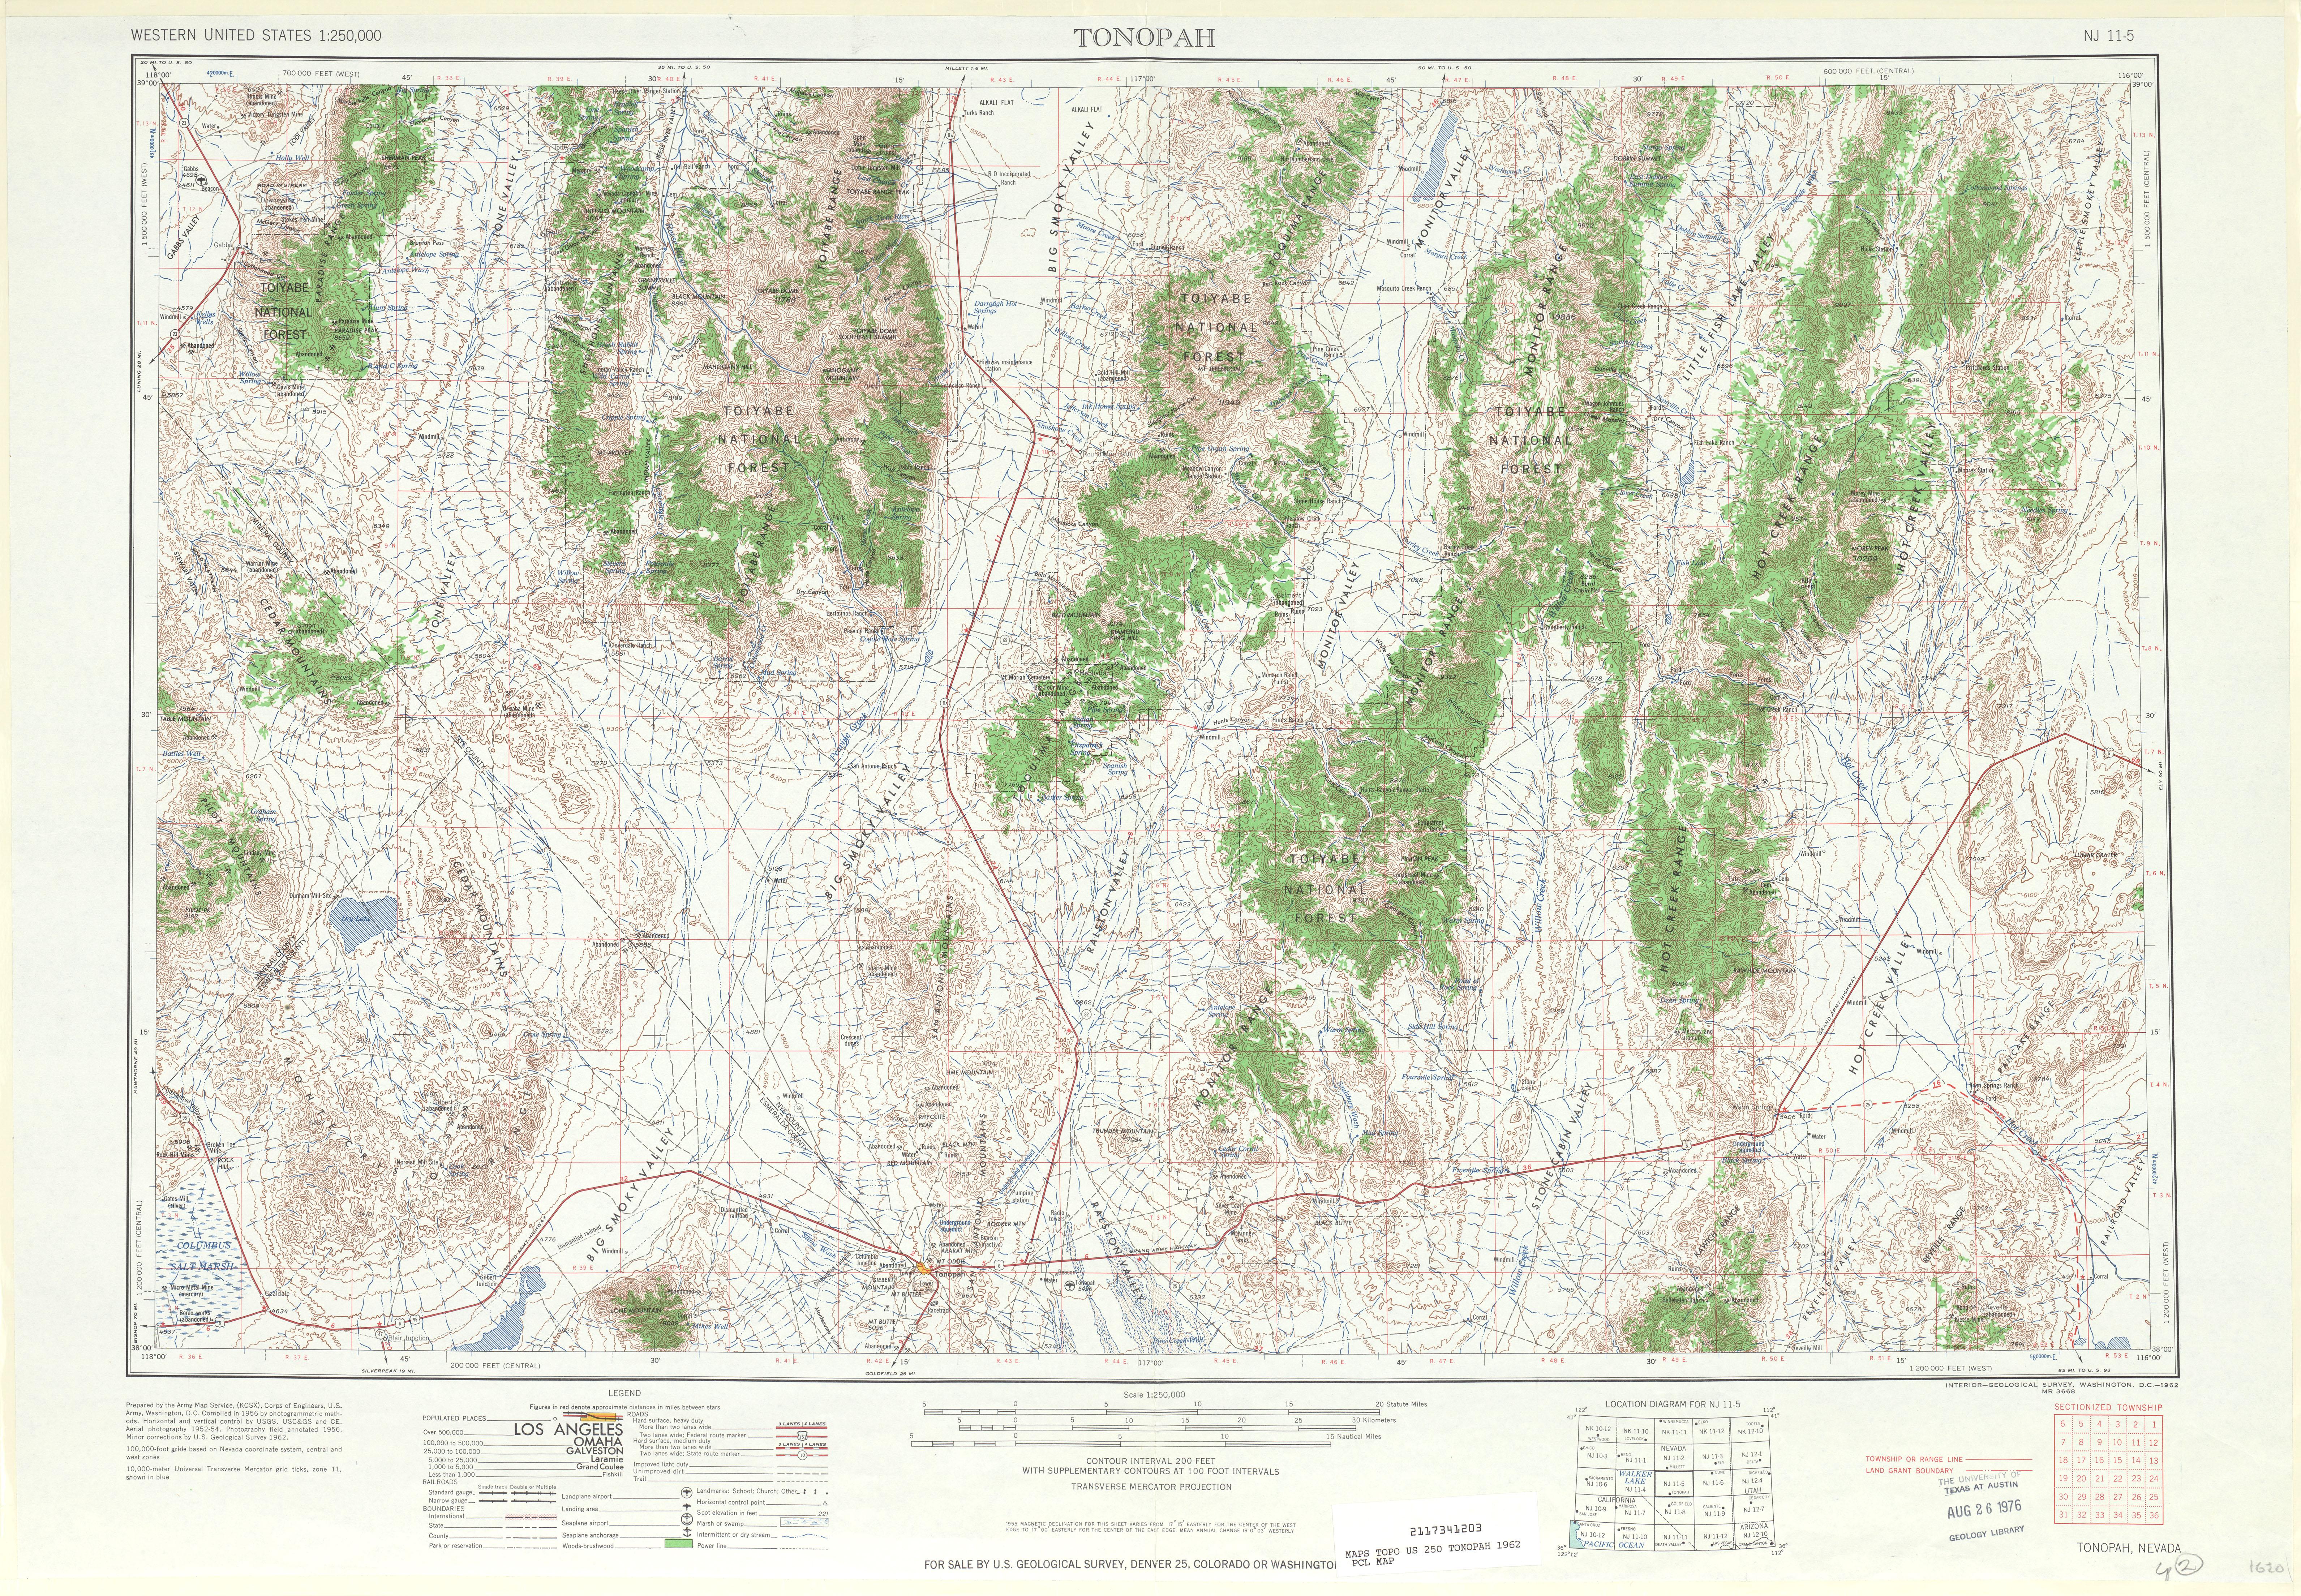 Hoja Tonopah del Mapa Topográfico de los Estados Unidos 1962